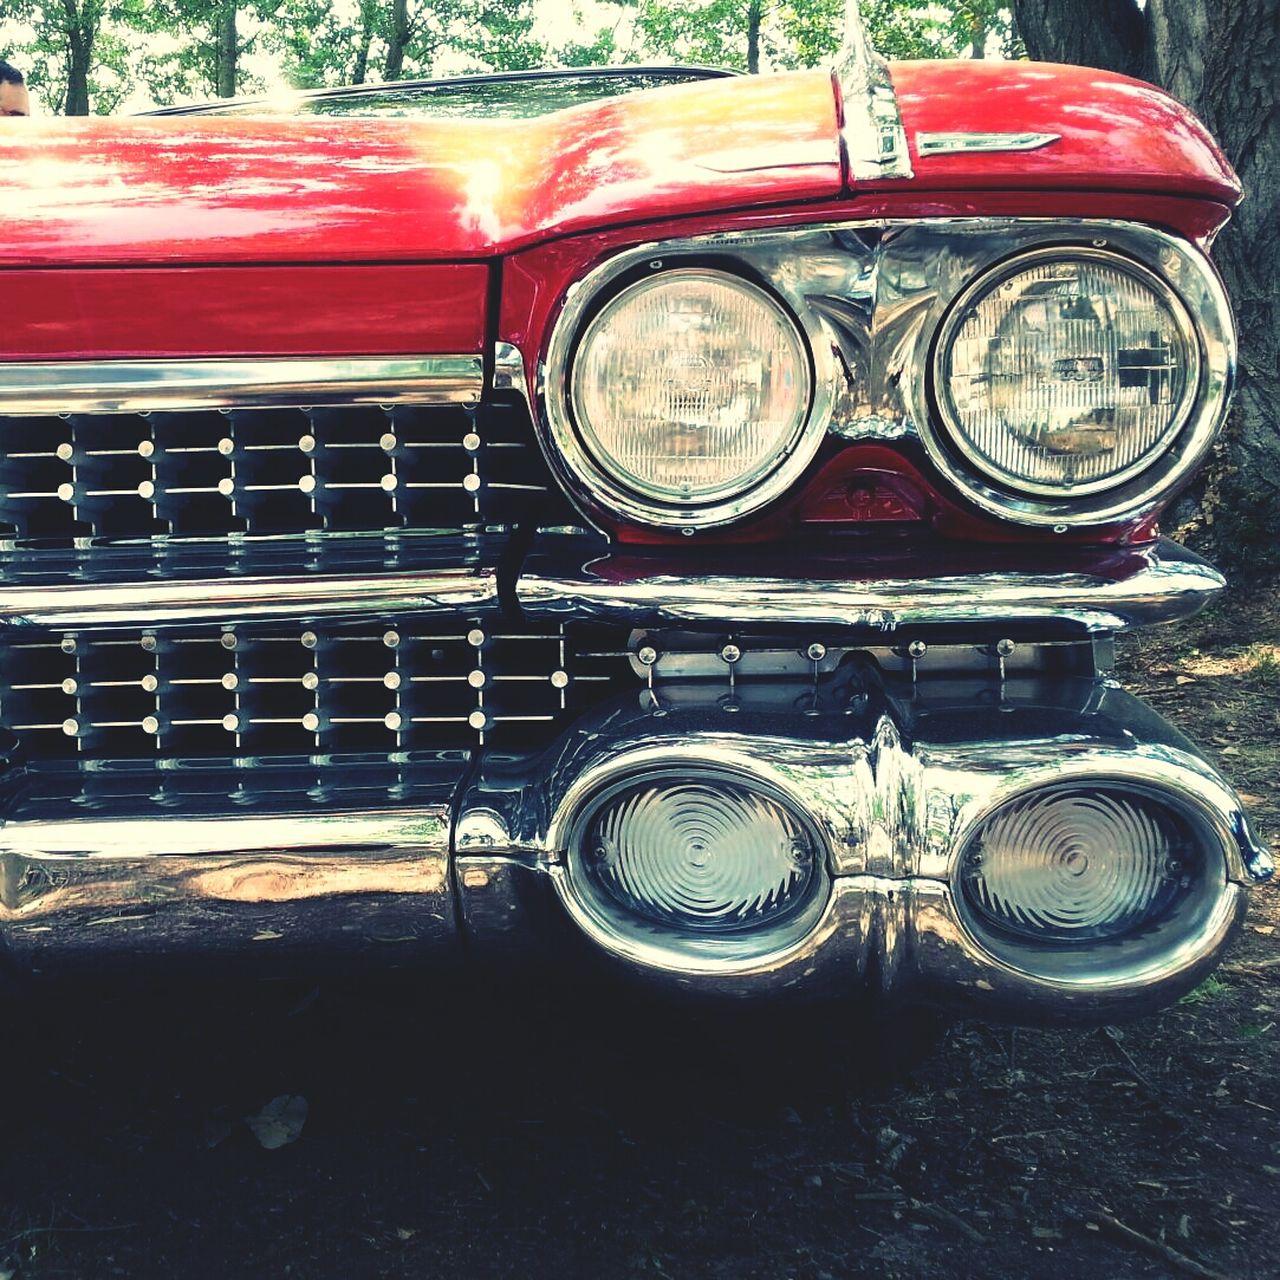 Digital composite image of classic car